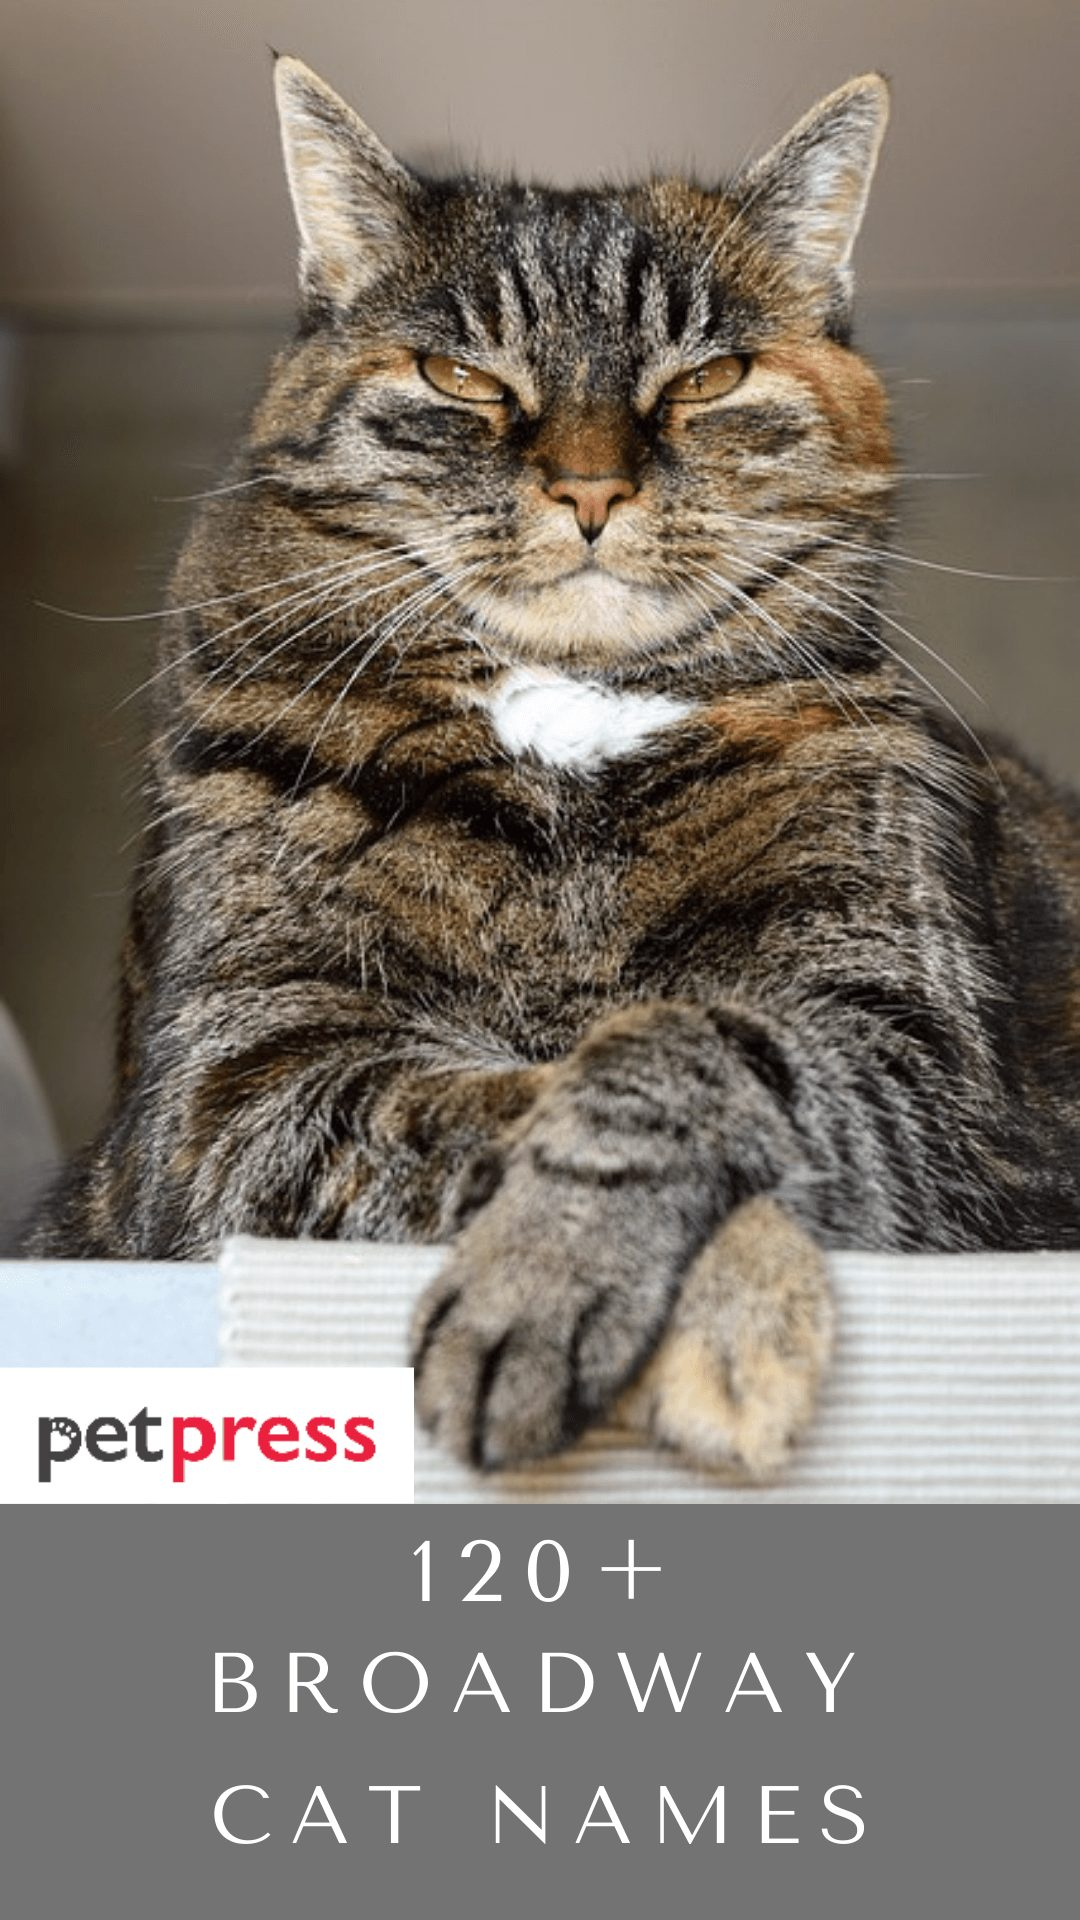 broadway-cat-names